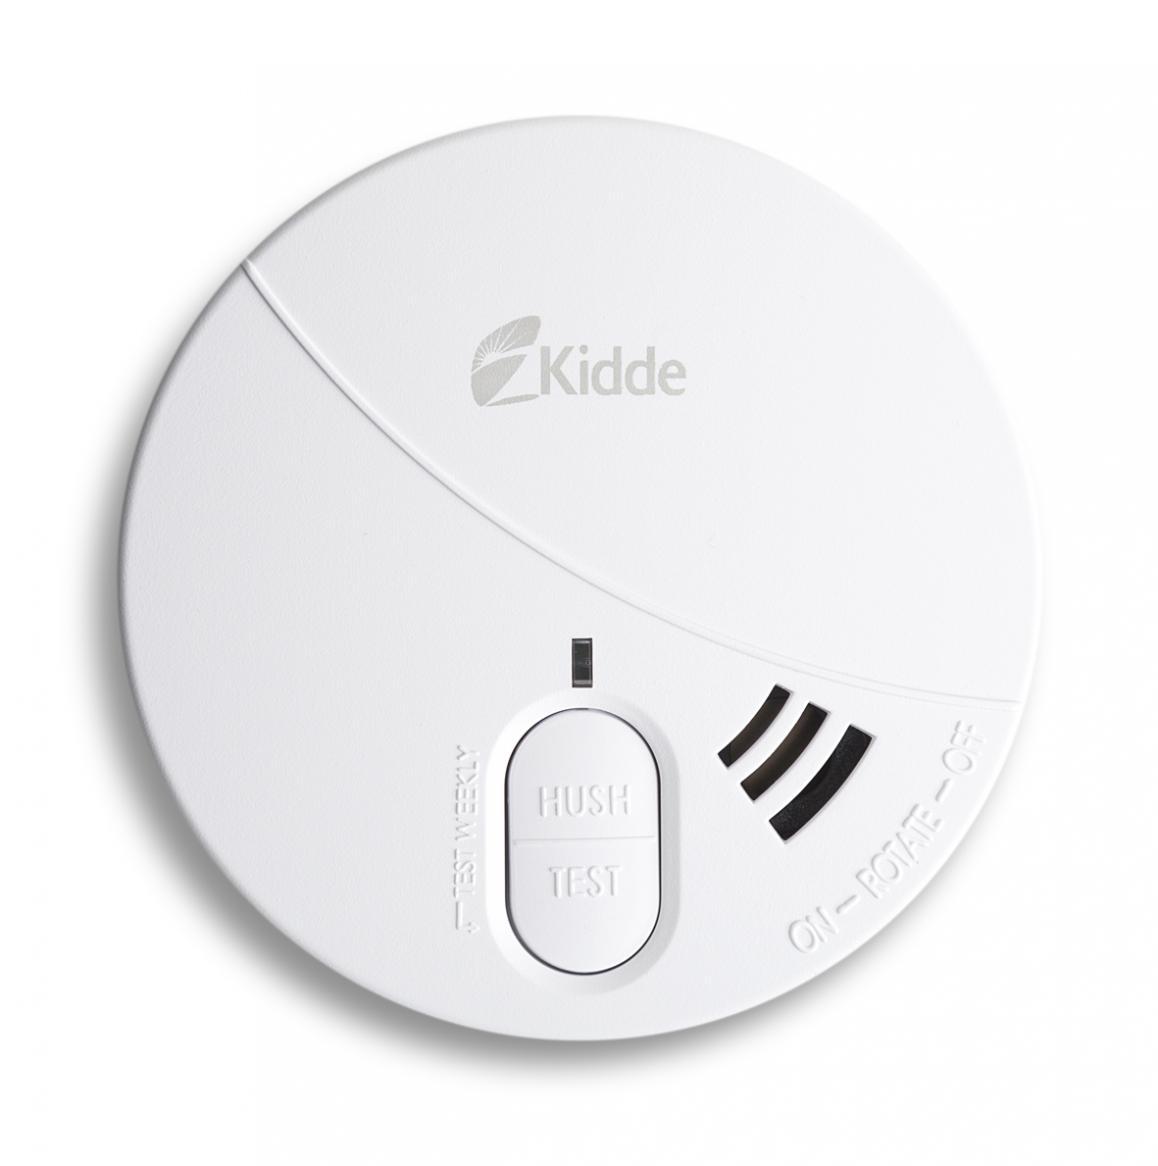 Kidde Rauchmelder 29HD.2 inkl. 9V-Alkaline-Batterie zertifiziert nach EN 14604